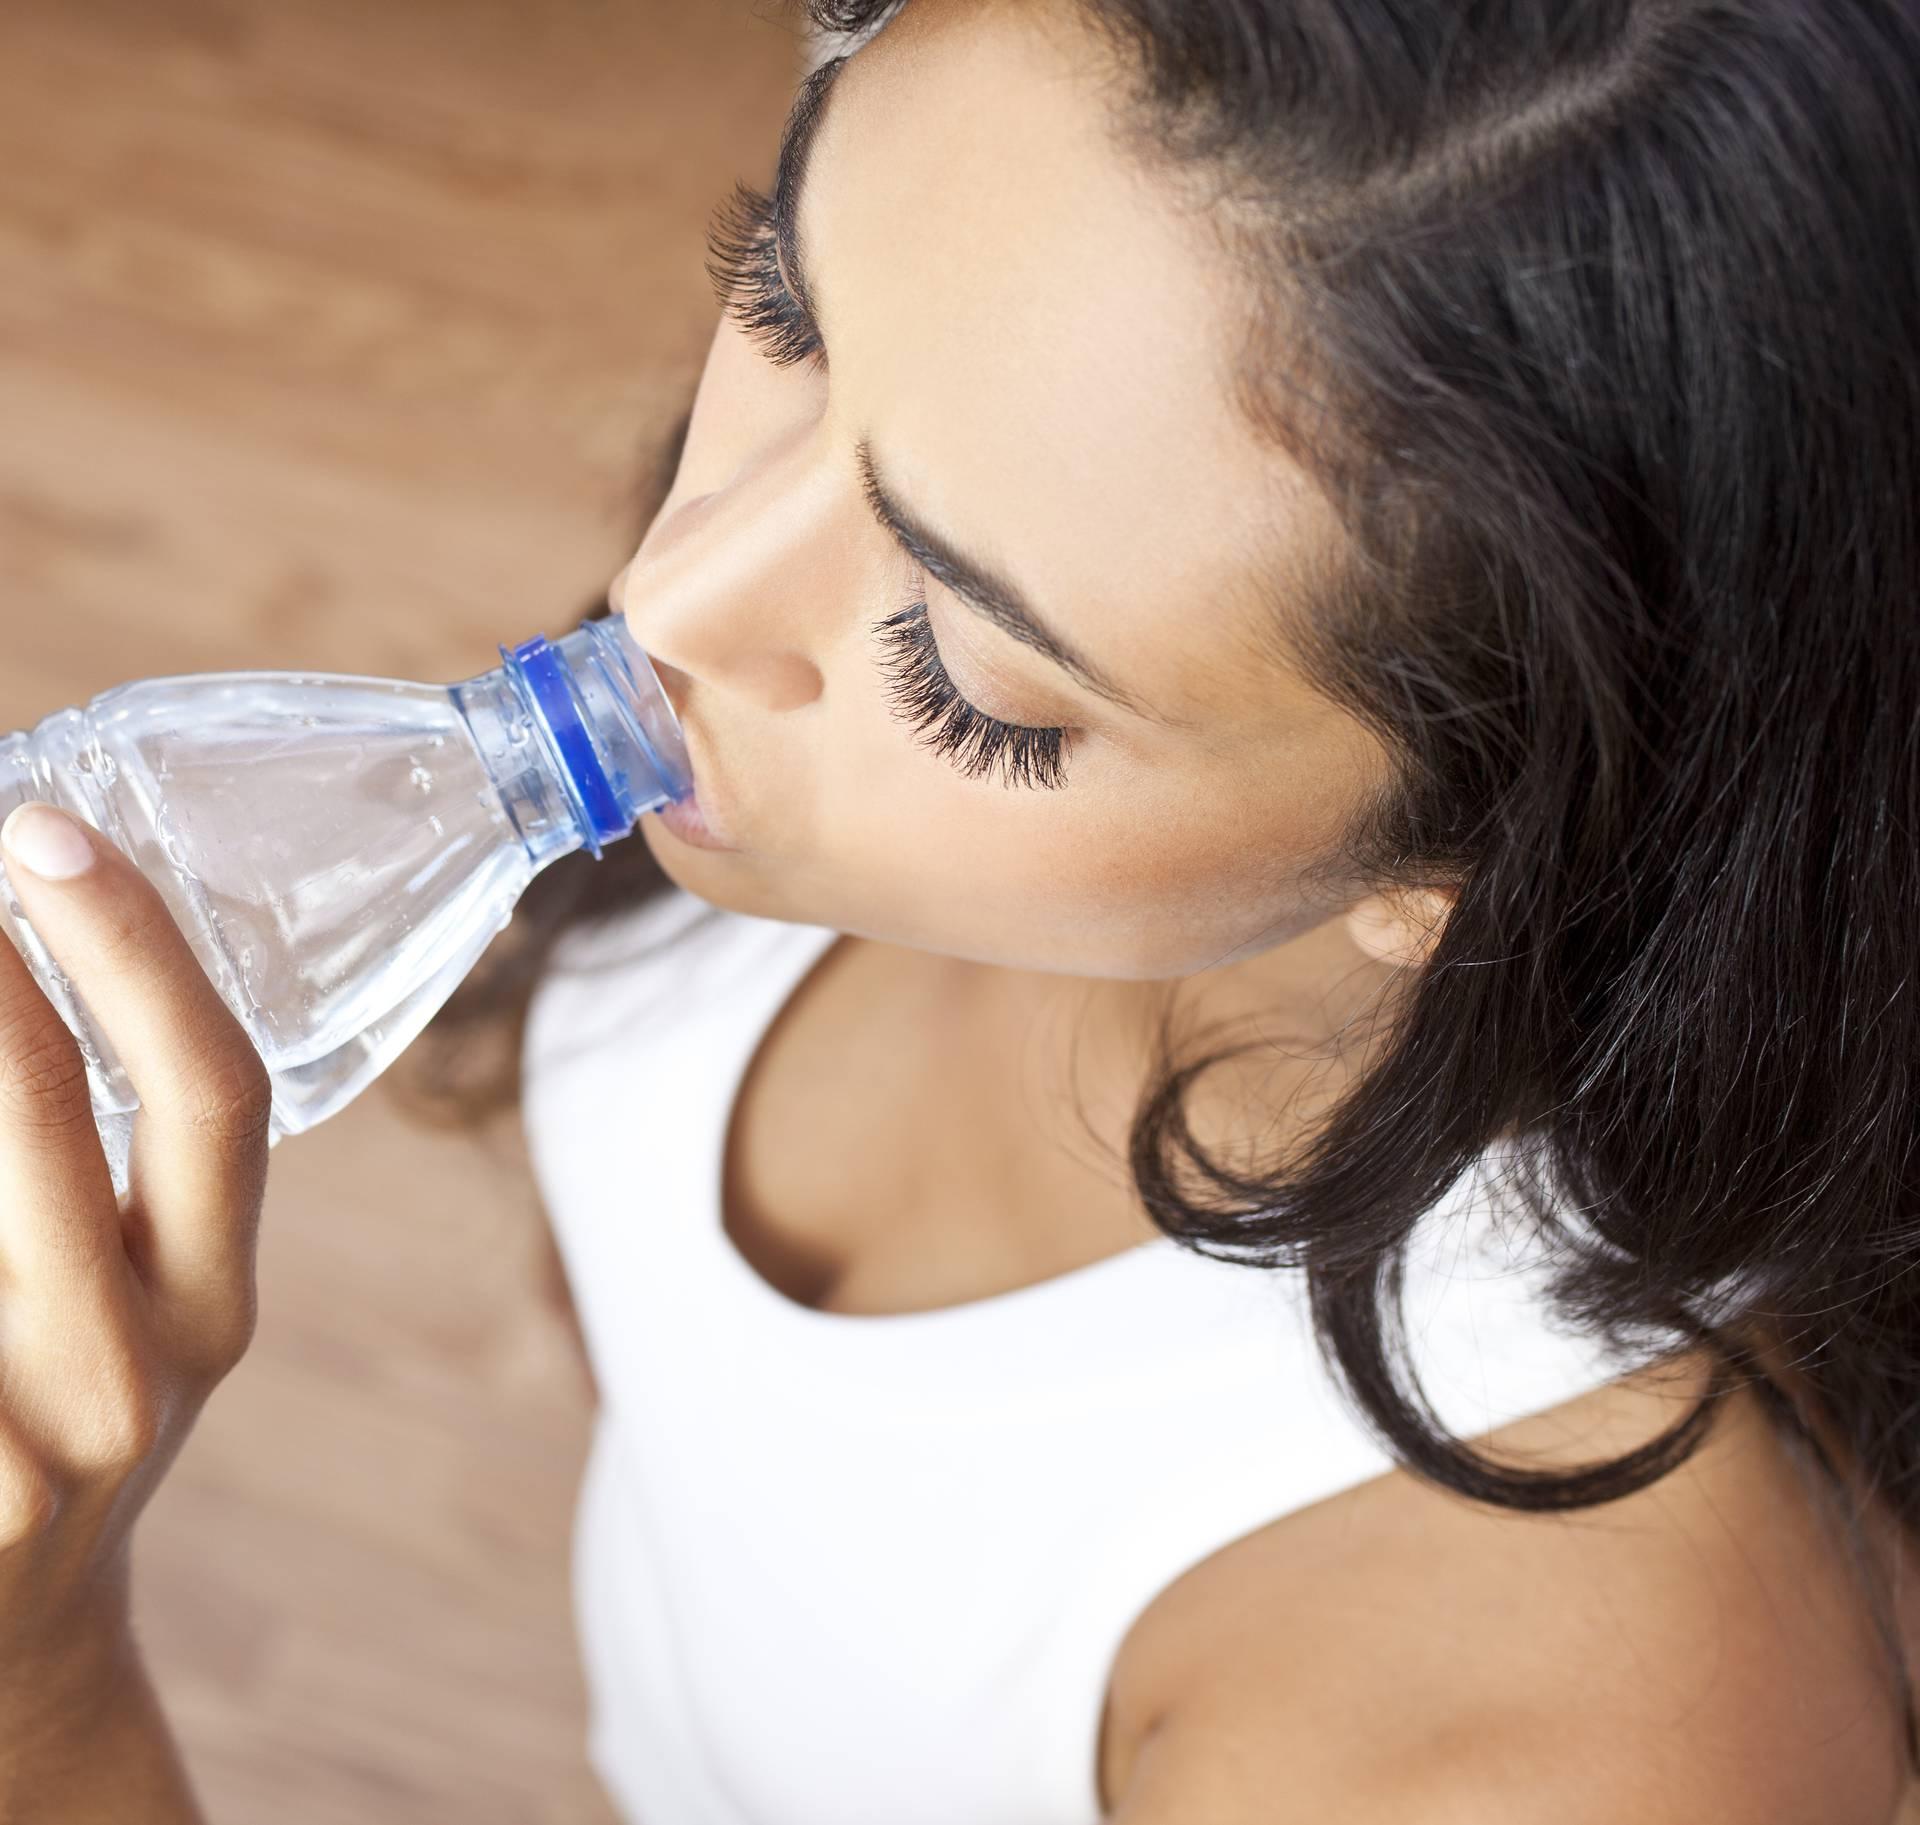 Ne pretjerujte: I previše vode može biti opasno za zdravlje